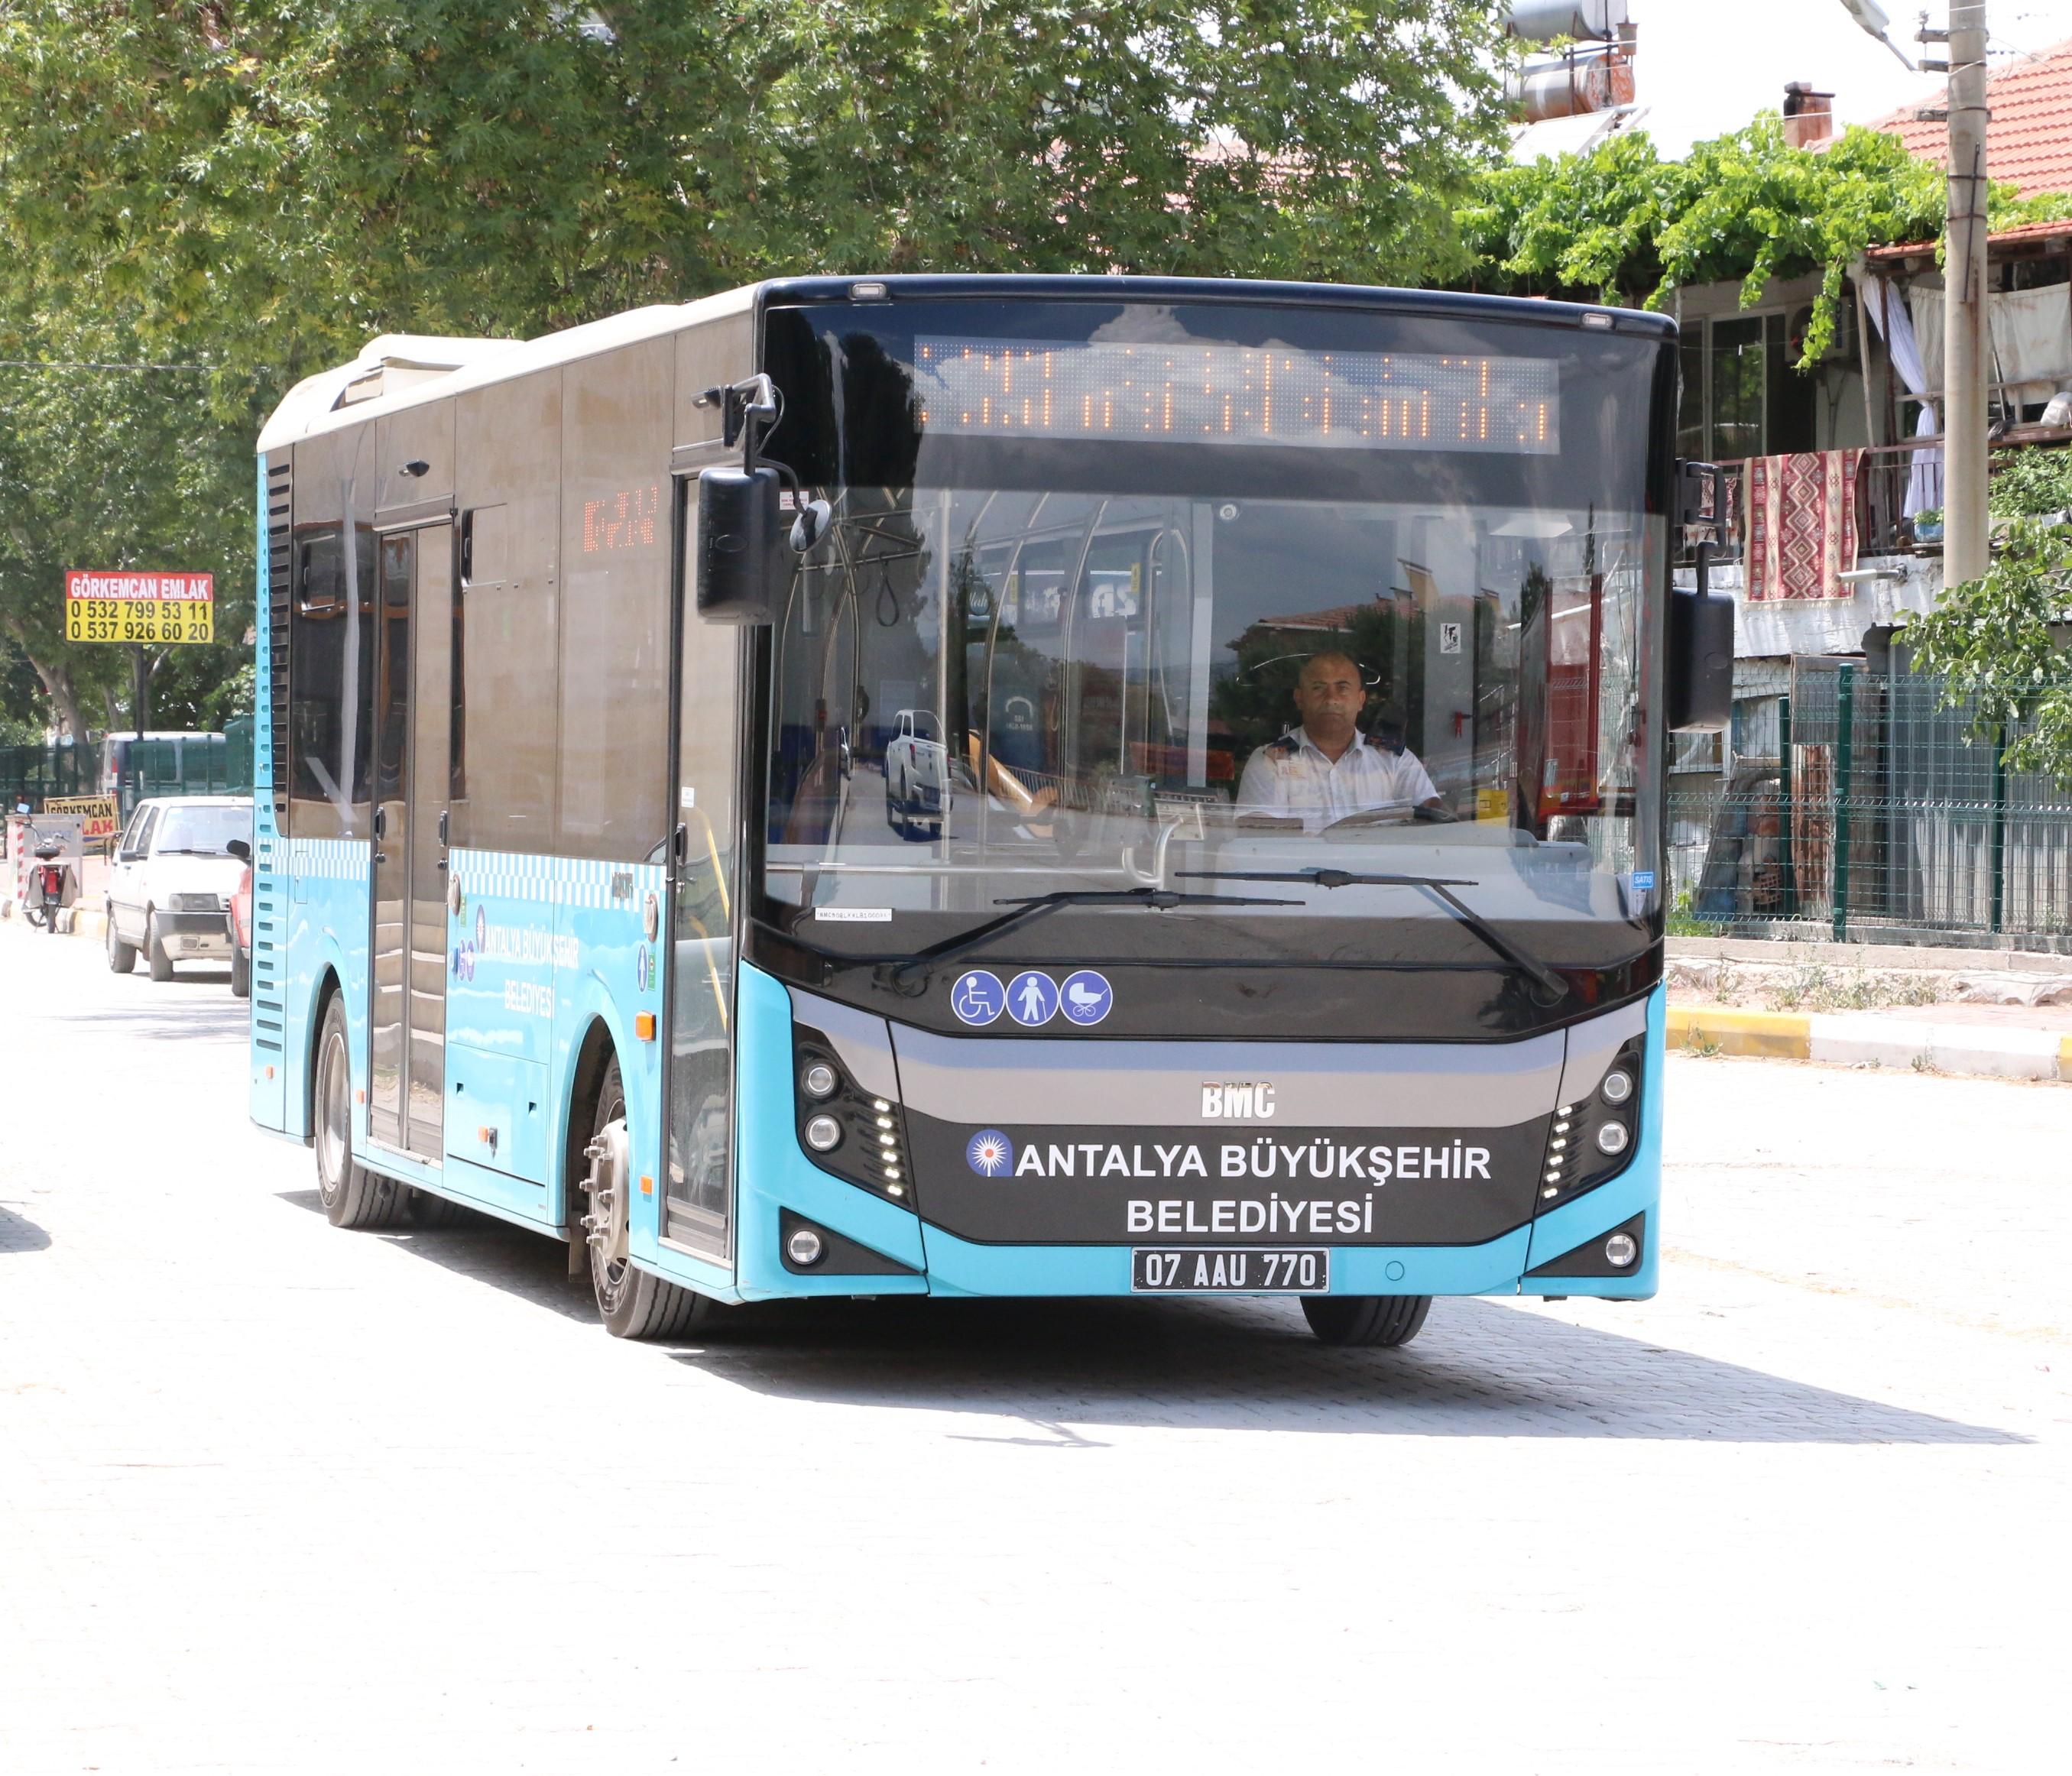 Büyükşehir'e ait toplu ulaşım araçları Cumhuriyet Bayramı'nda ücretsiz